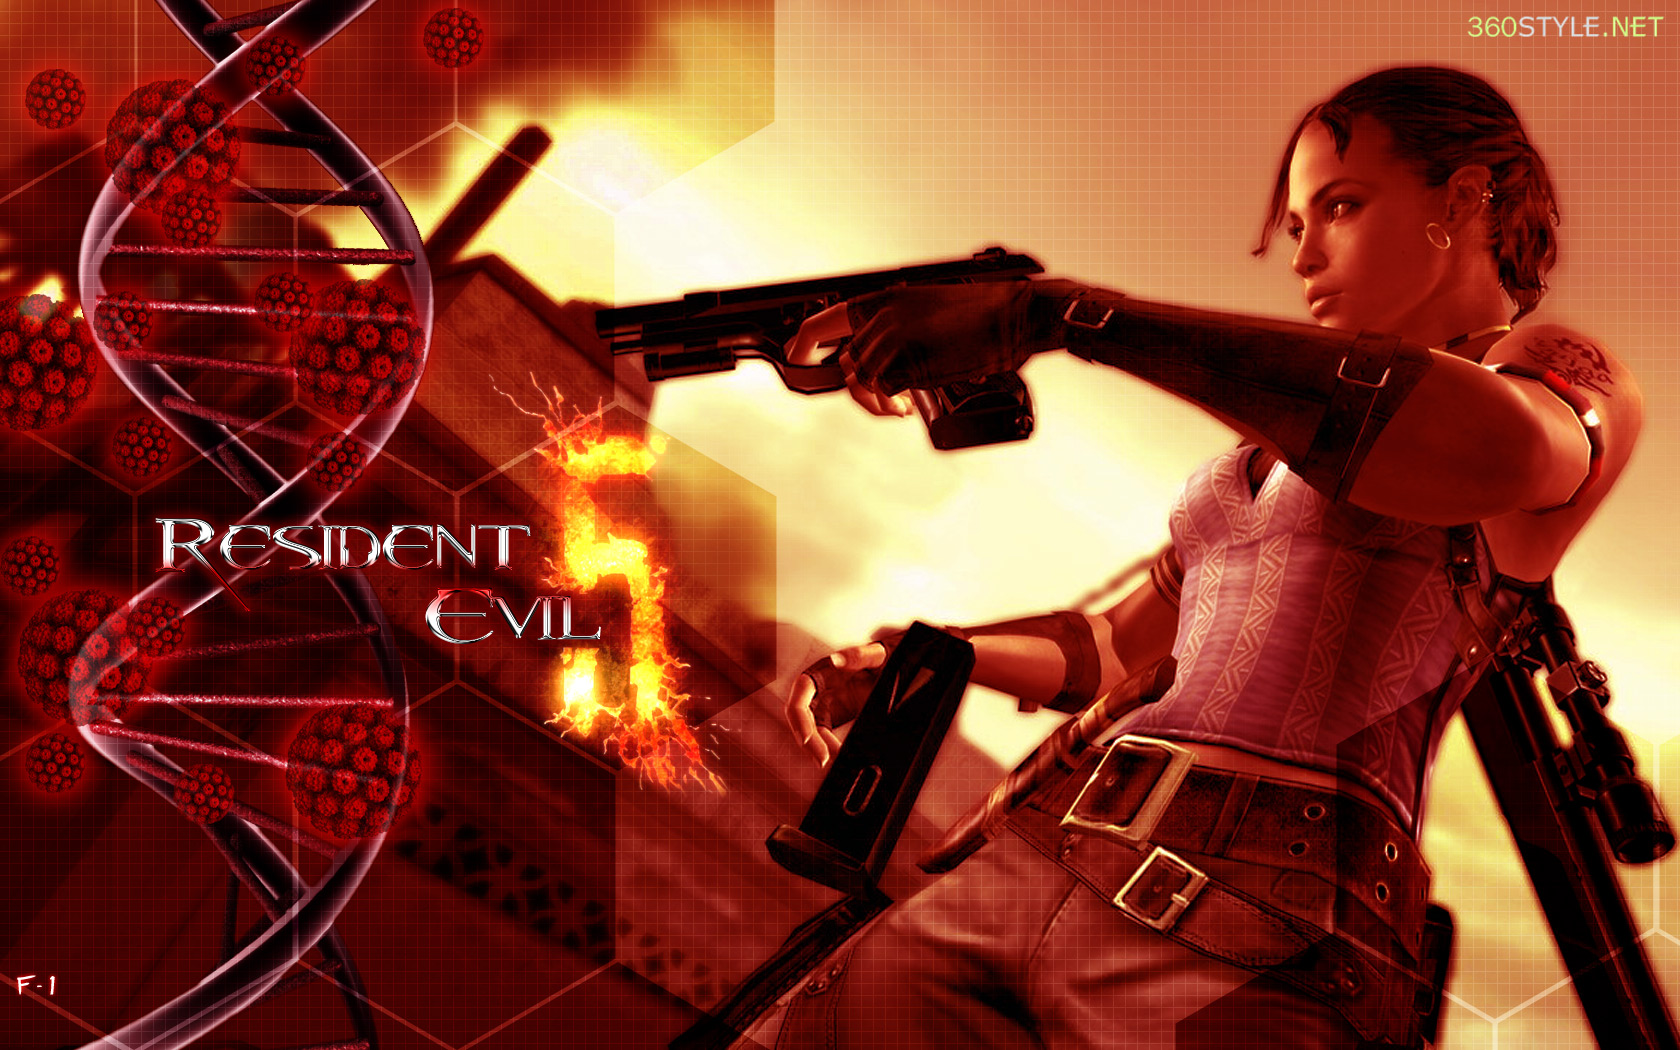 Resident evil 5 wallpaper no 3 by f 1 on deviantart - Wallpaper resident evil 5 ...